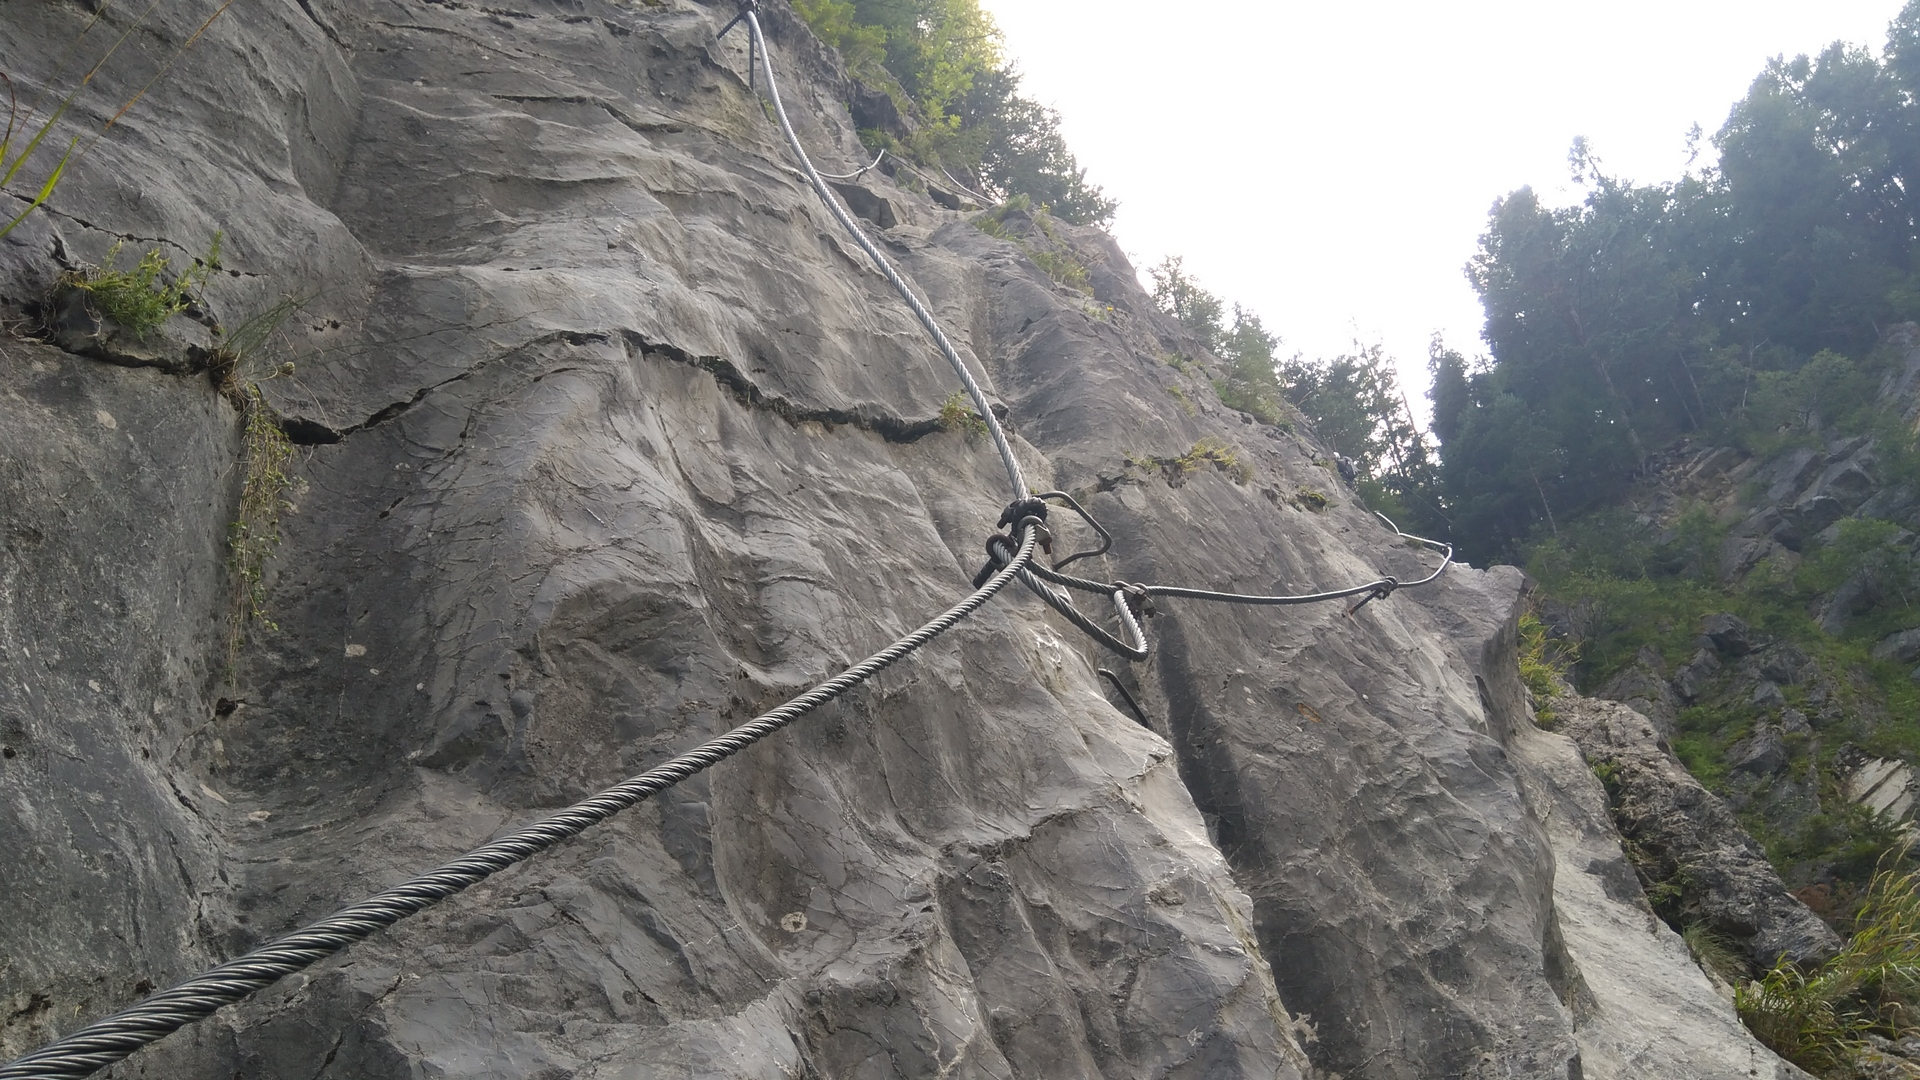 Polovina ferraty v Tatranské dolině a rozdělení cest do dvou směrů